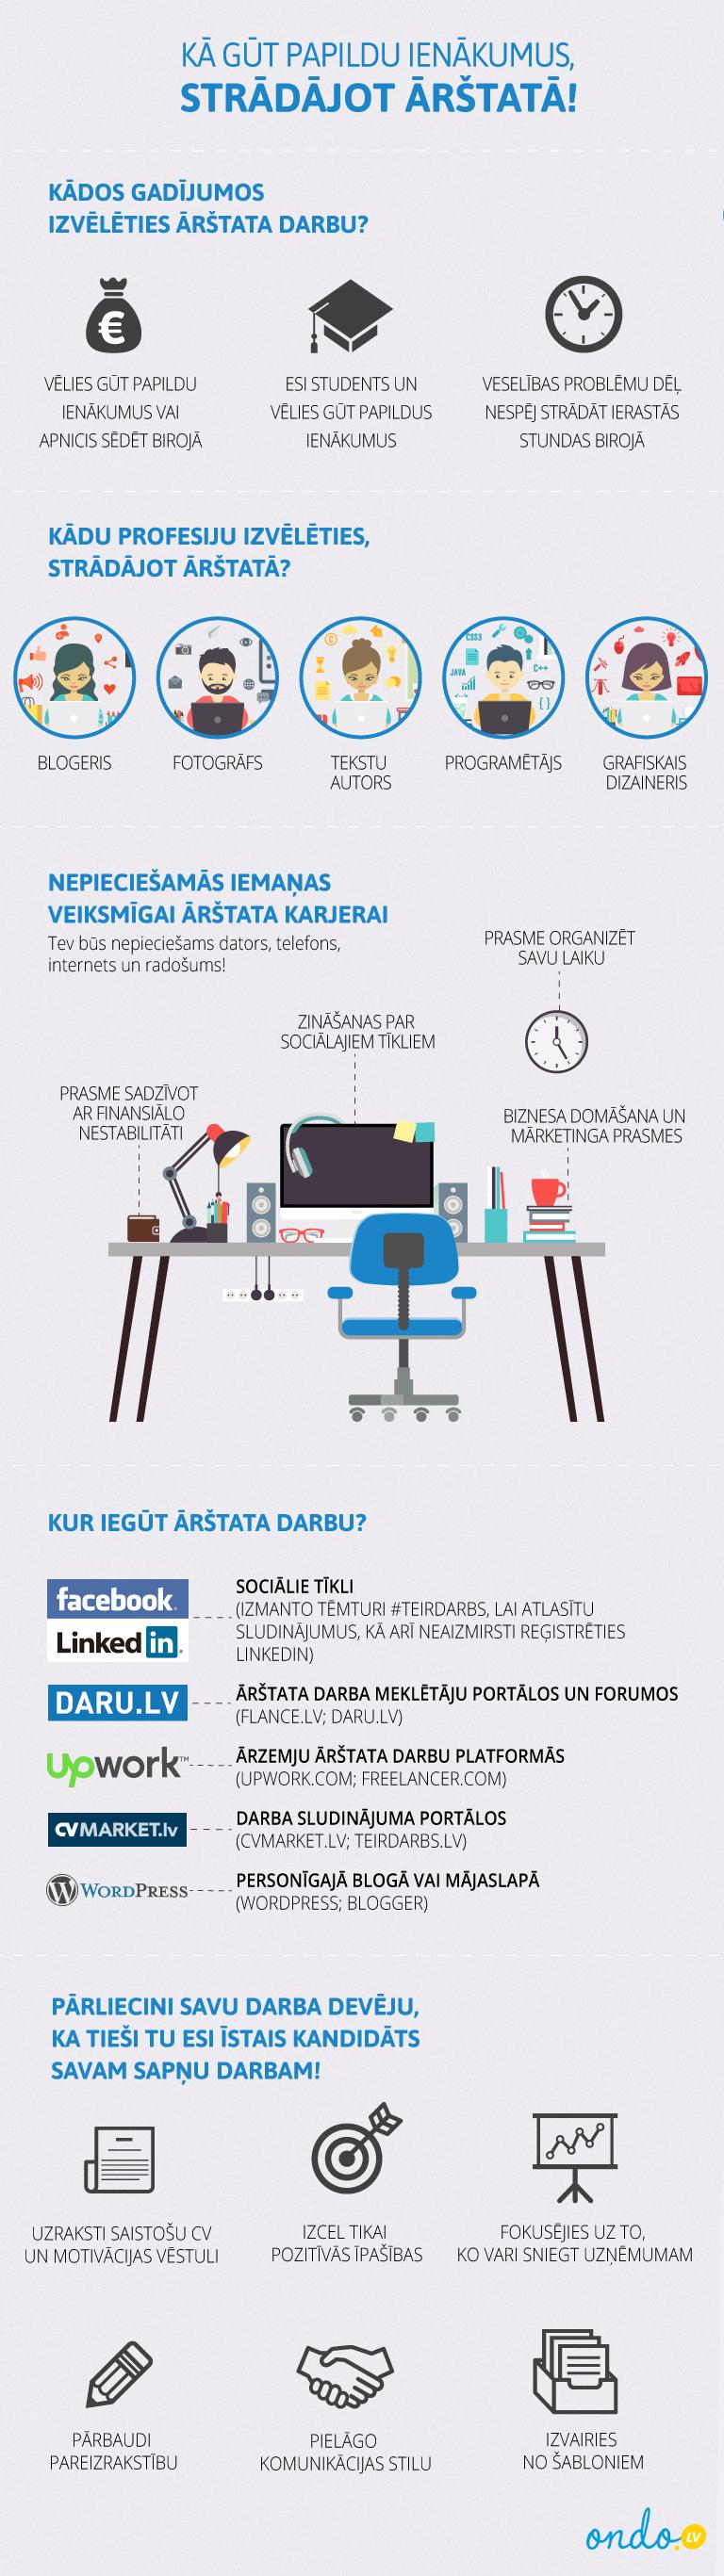 Kā Nopelnīt Papildus Ienākumus Izmantojot Internetu - Kā nopelnīt bez ieguldījumiem? - azboulings.lv